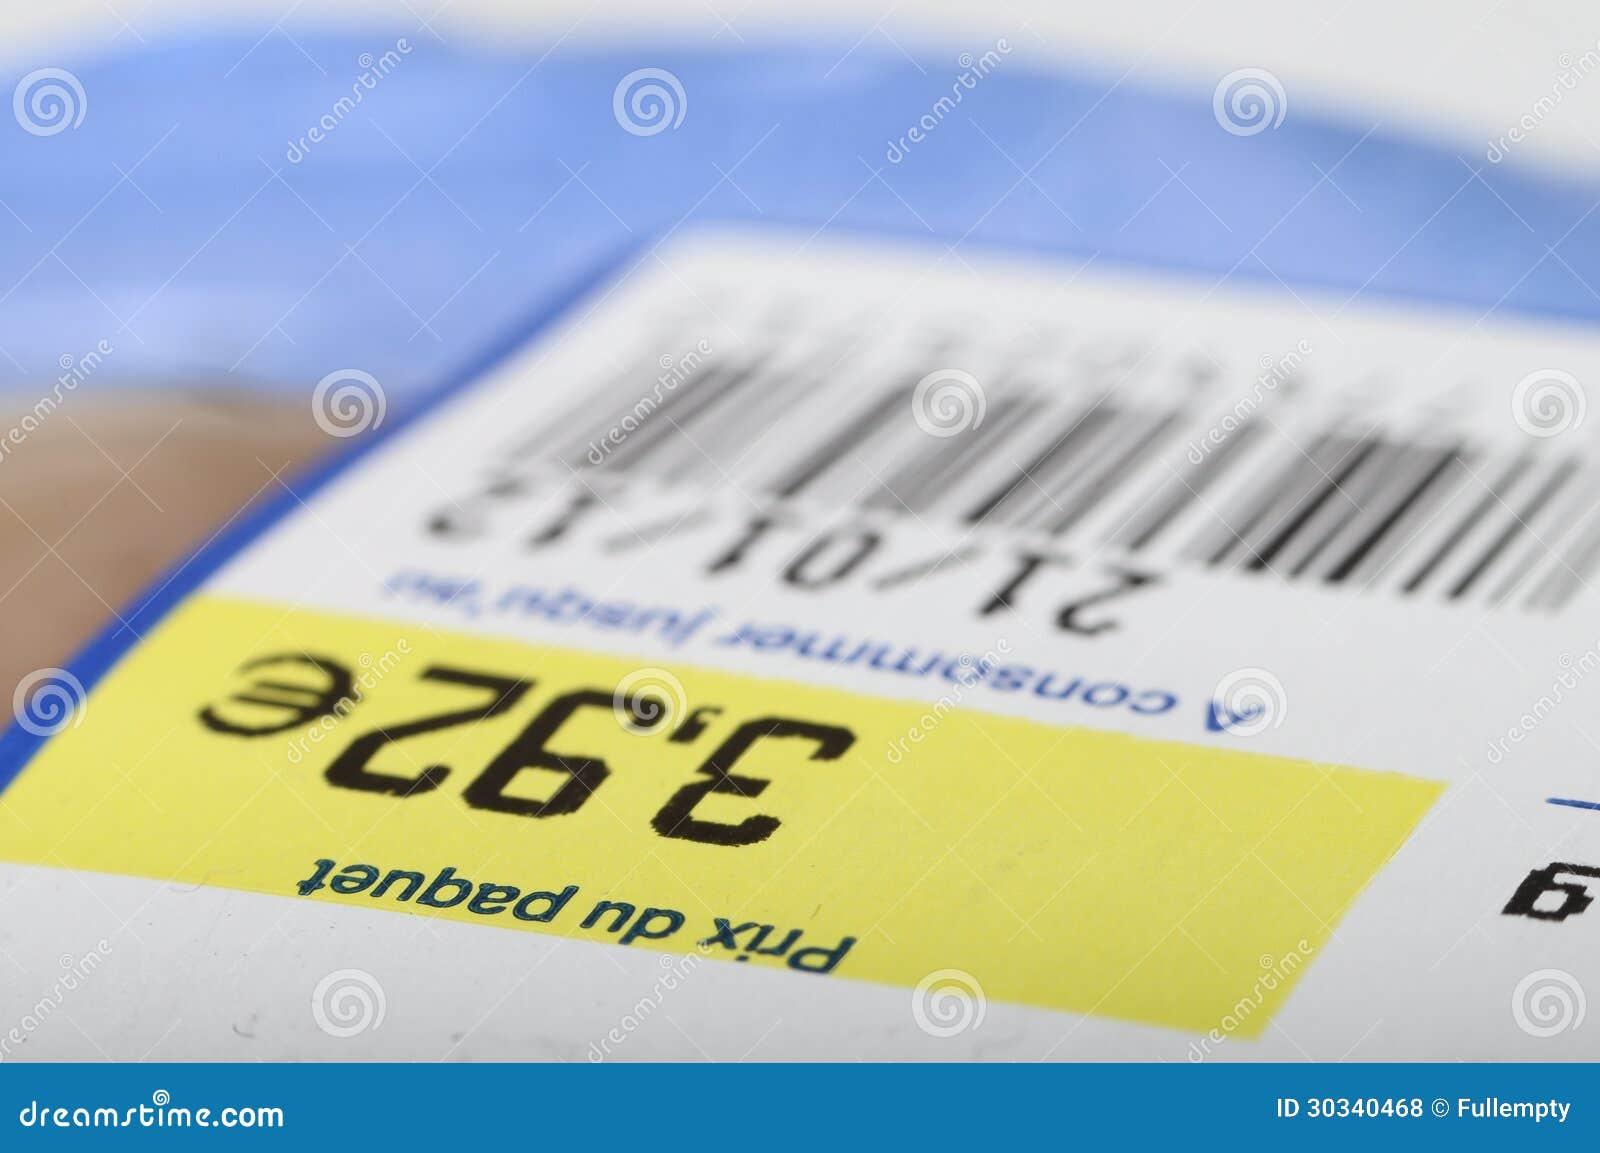 Preço, código de barras e data de validade em produtos alimentares